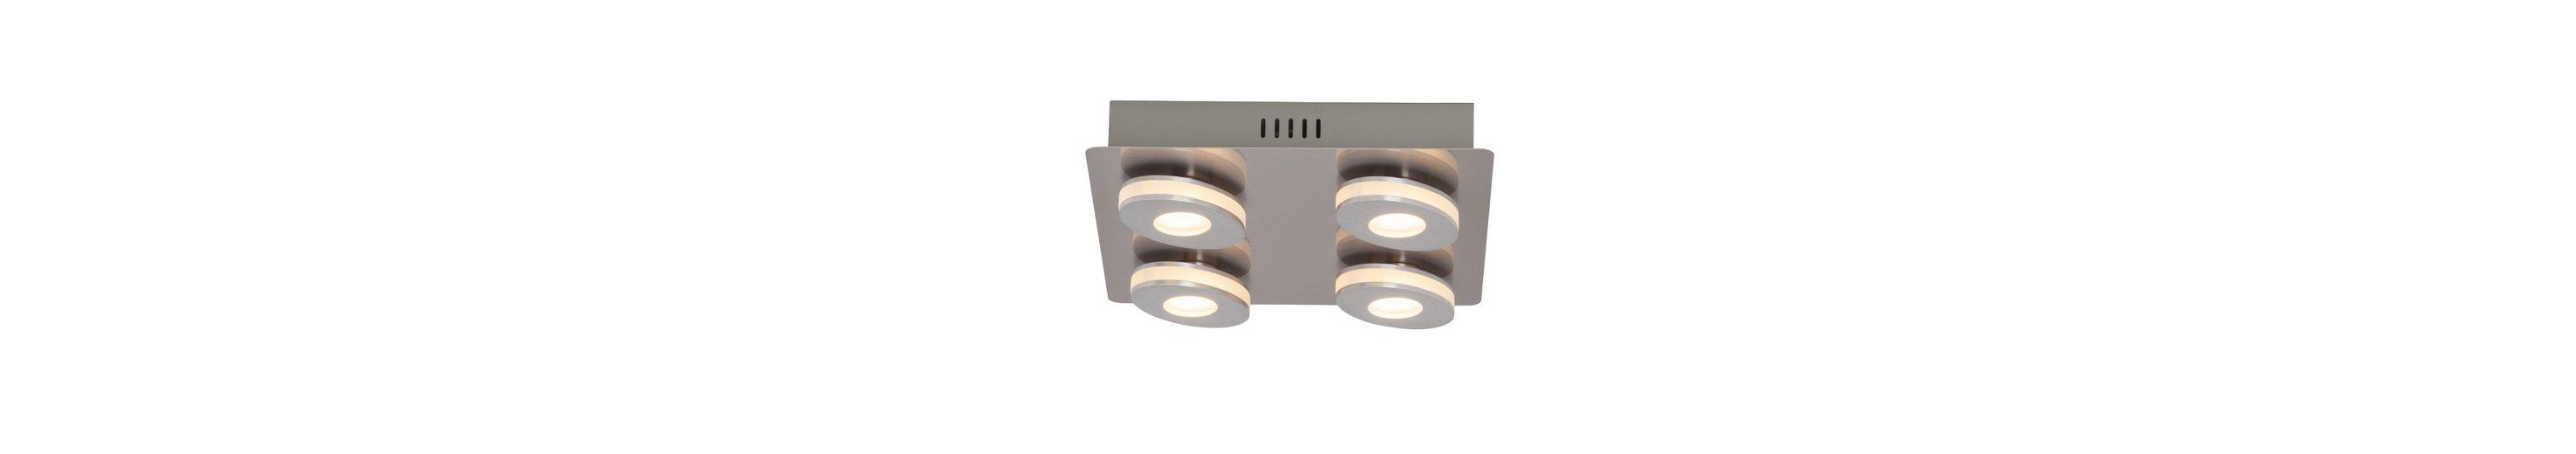 Brilliant Leuchten Crossing LED Wand- und Deckenleuchte, 4-flammig nickel/alu